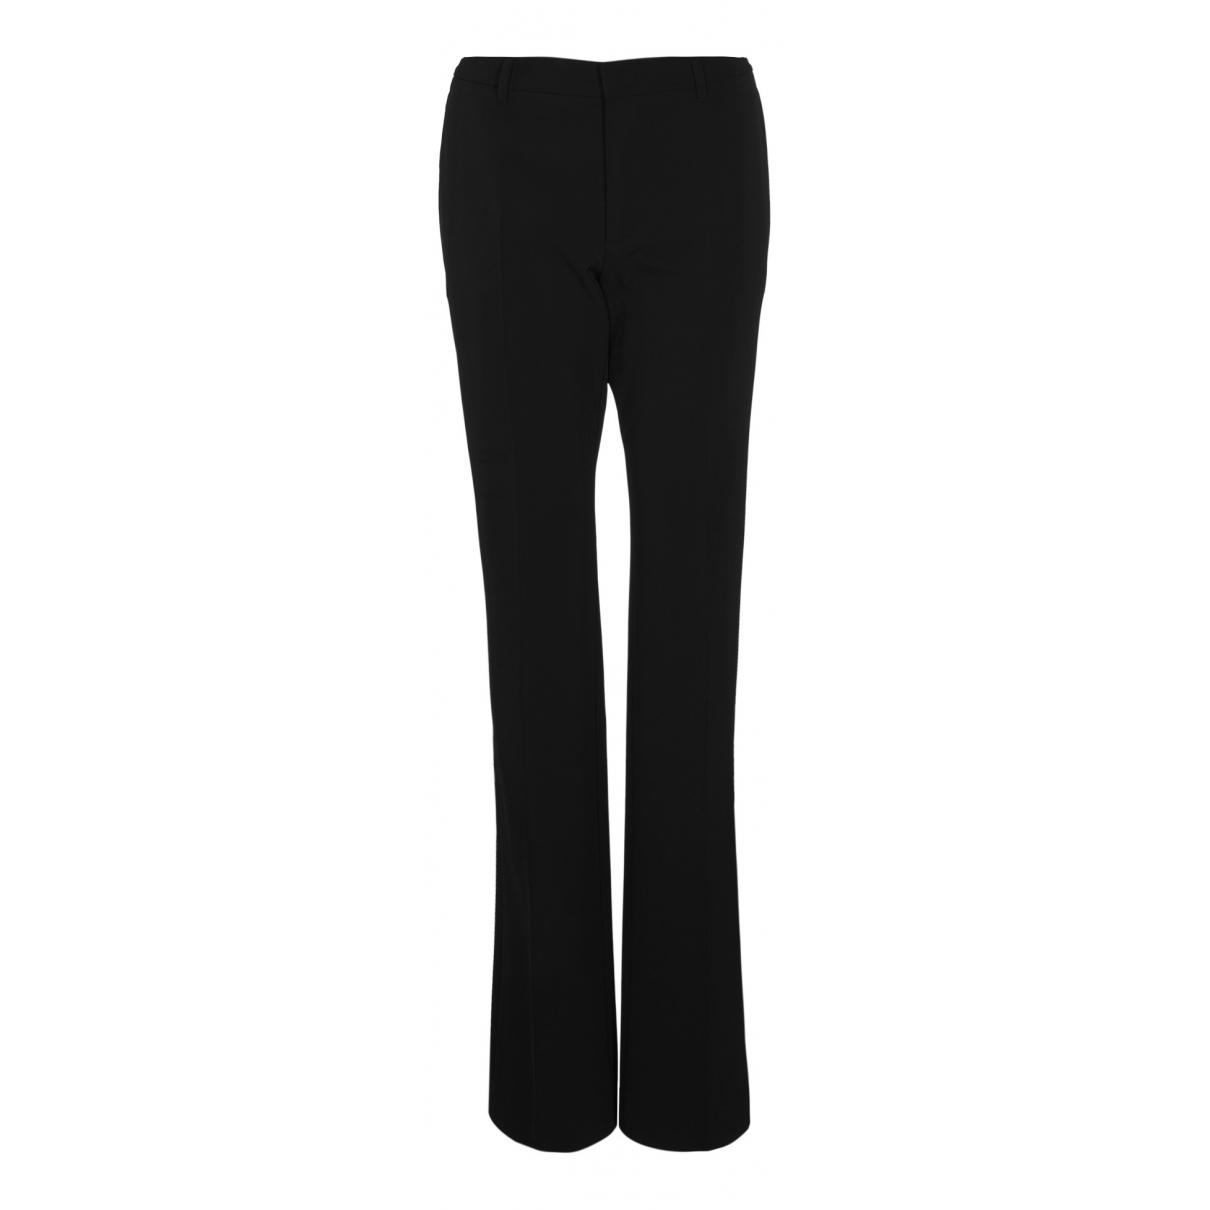 Prada N Black Trousers for Women 12 UK